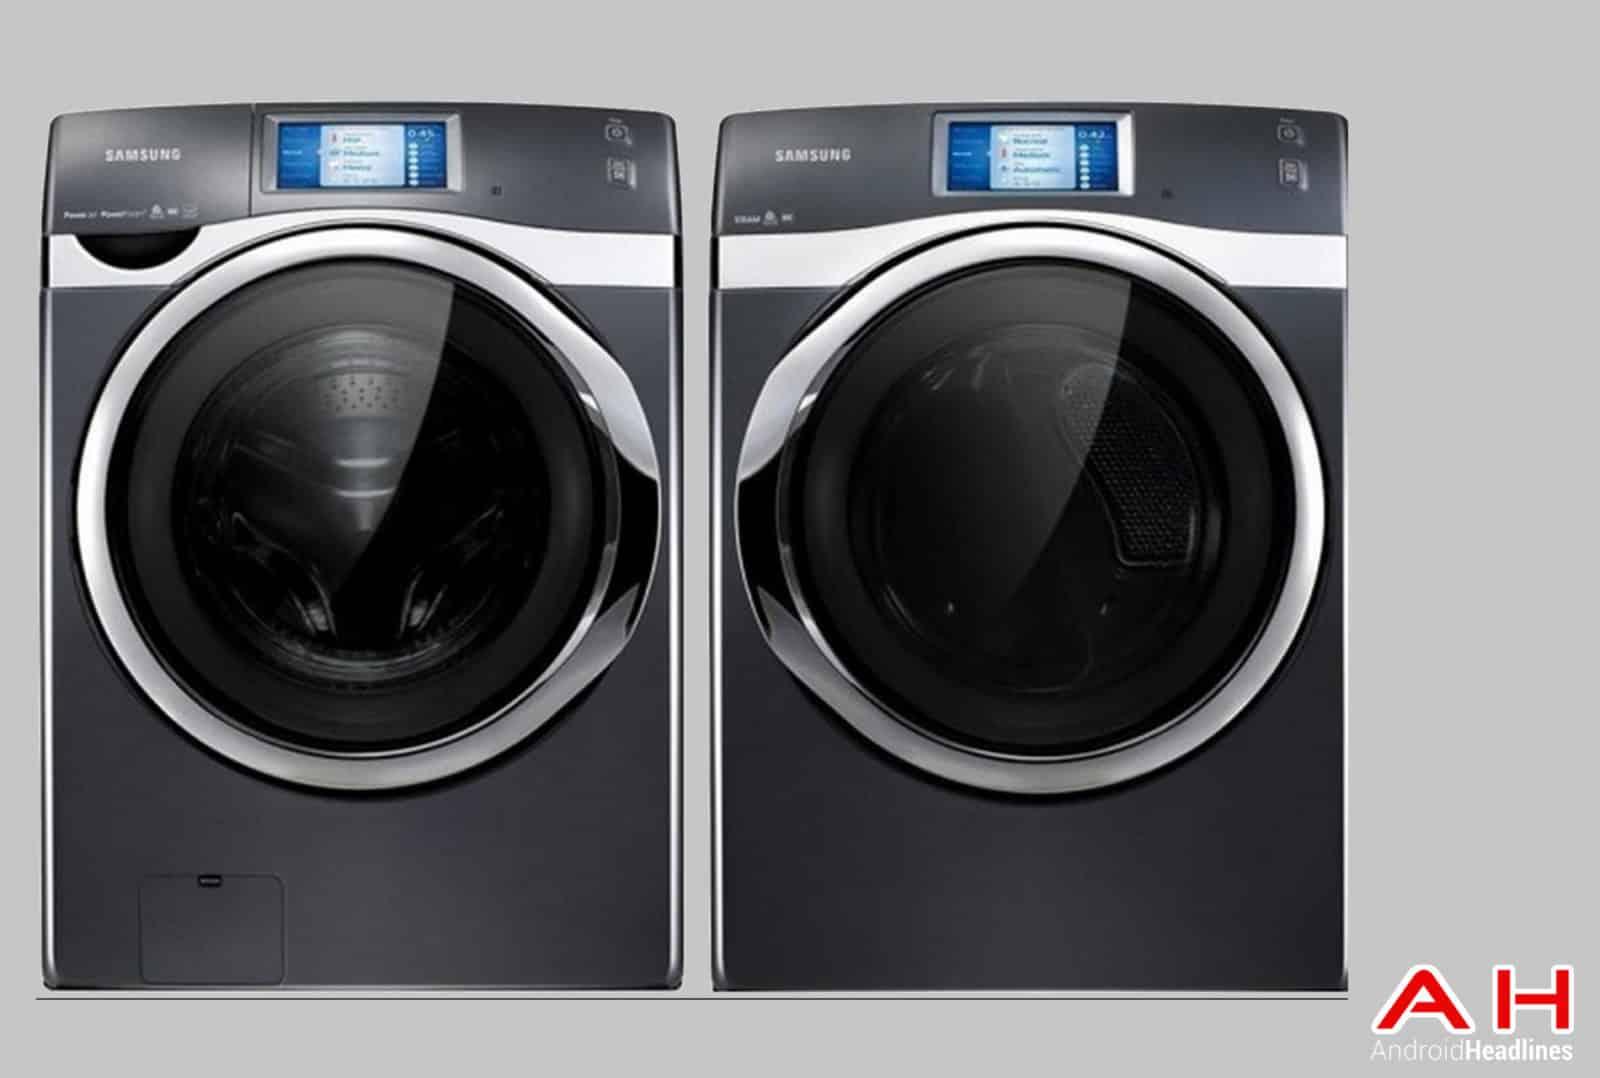 Samsung Washer & Dryer cam 2AH